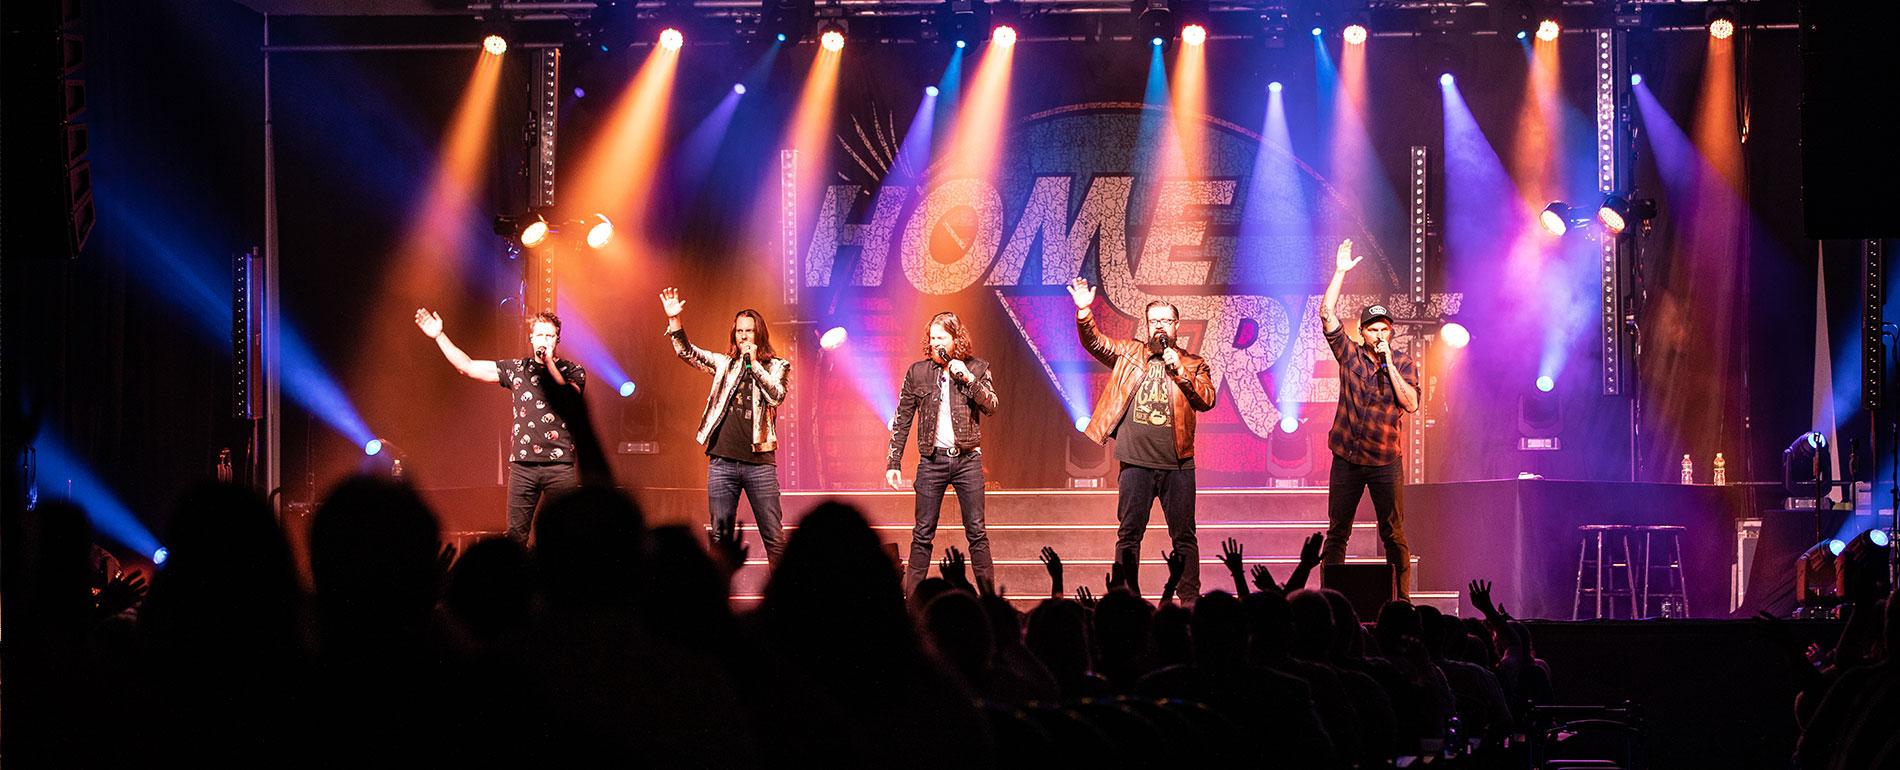 poconos live concert - Home Free